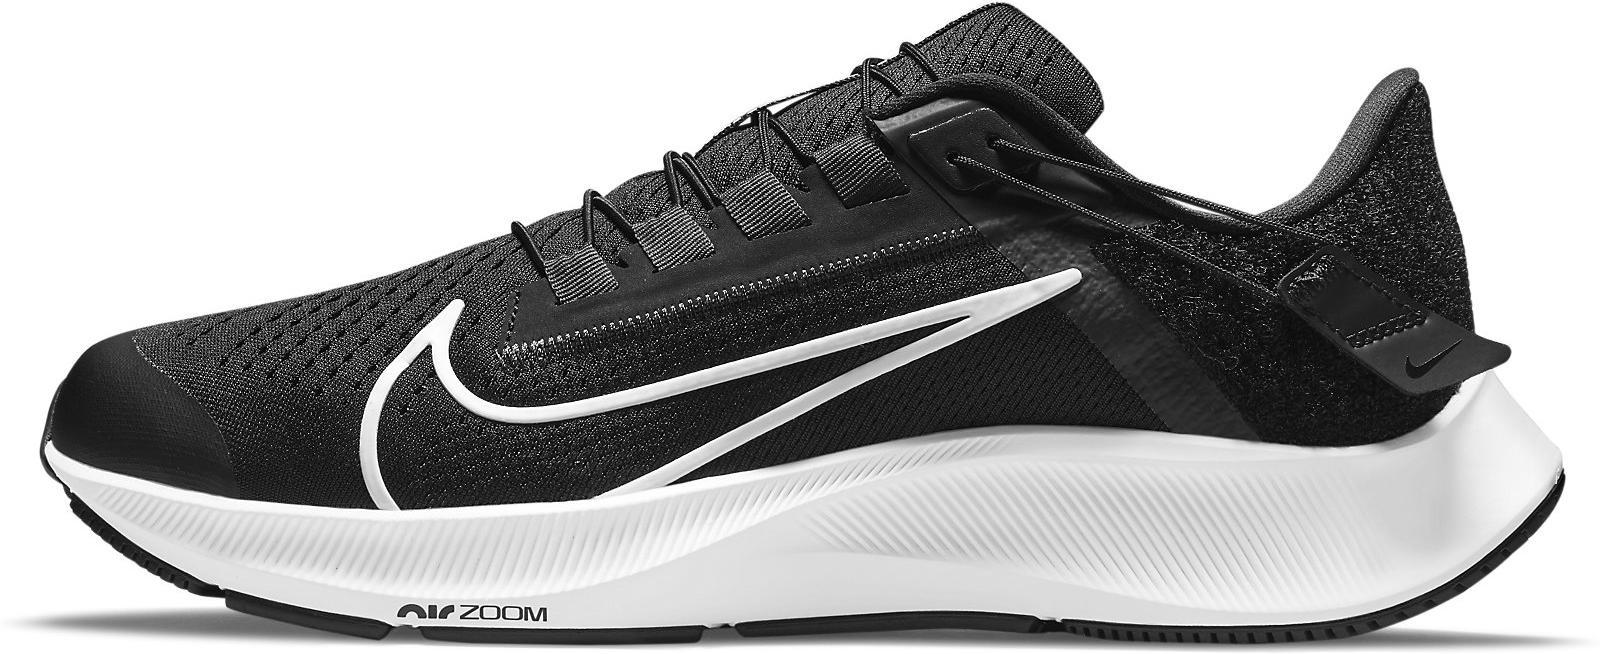 Chaussures de running Nike Air Zoom Pegasus 38 FlyEase